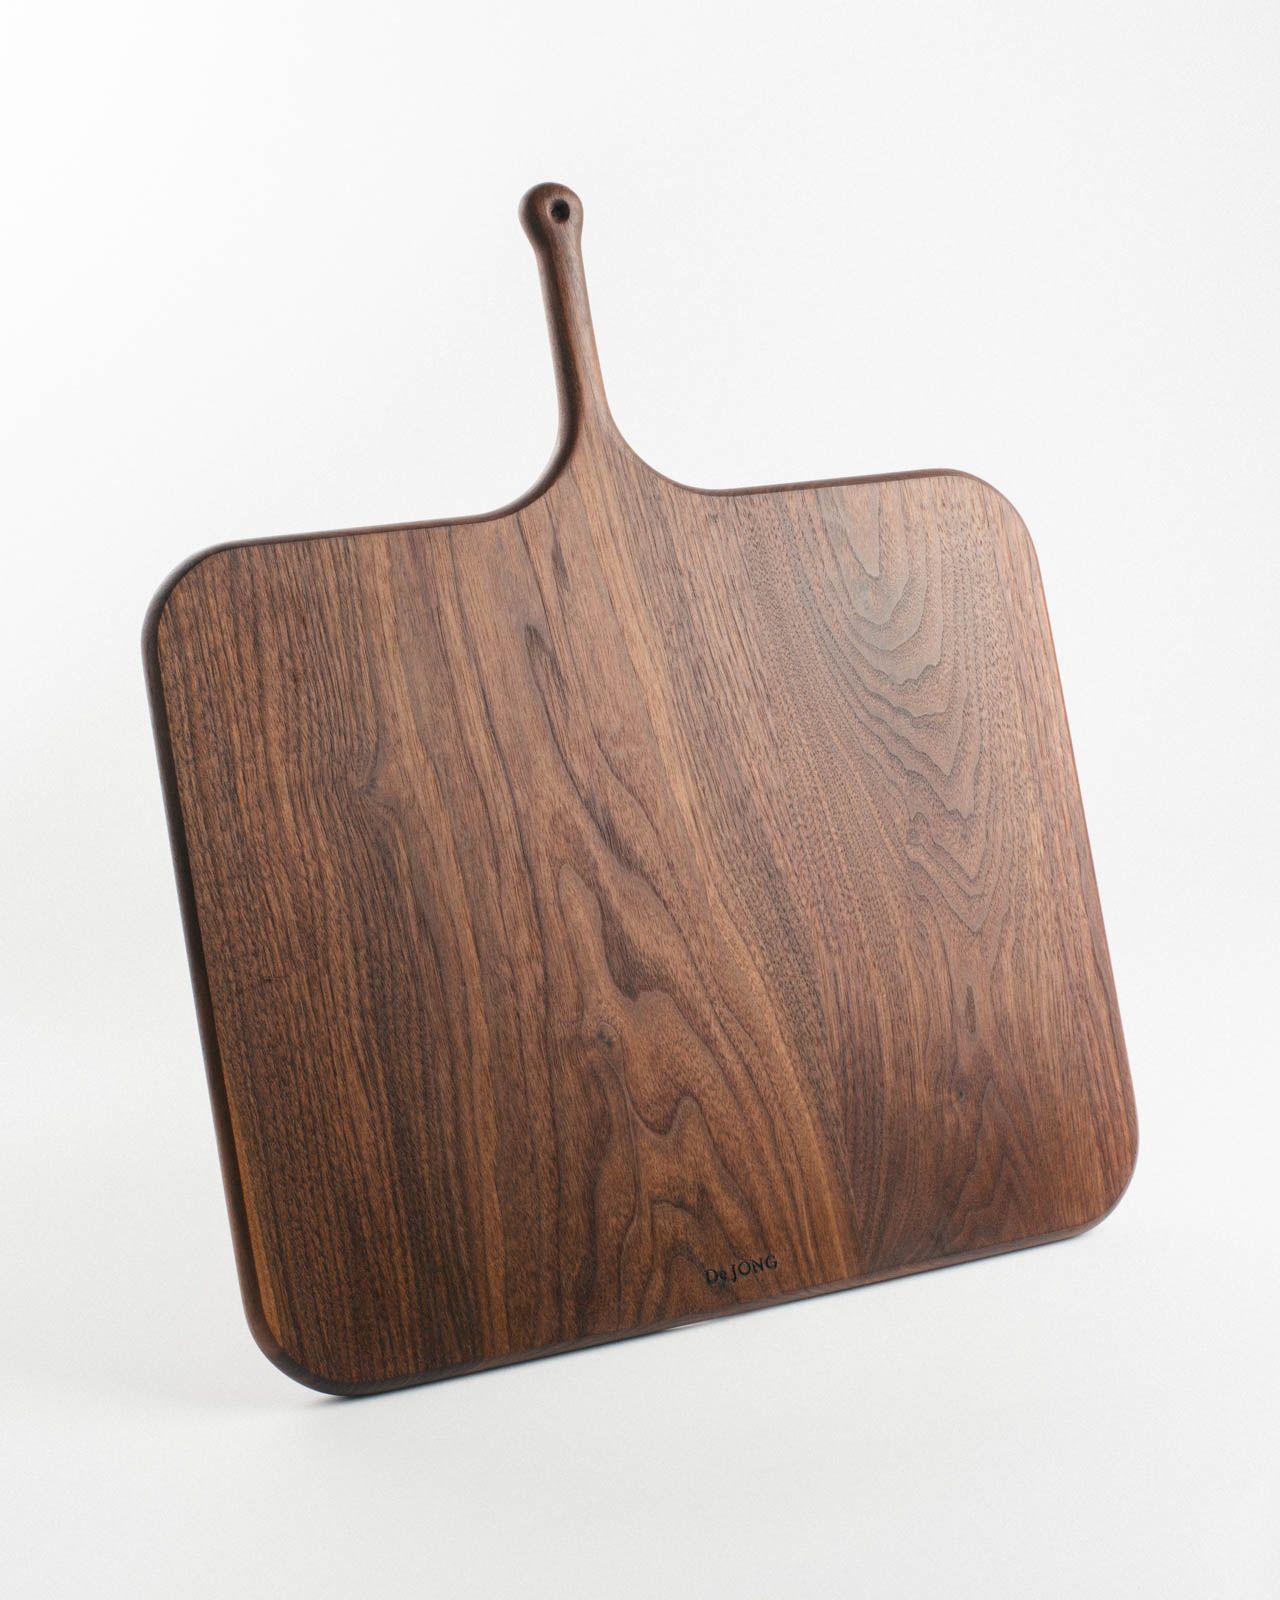 Serving Board No. 6, $280